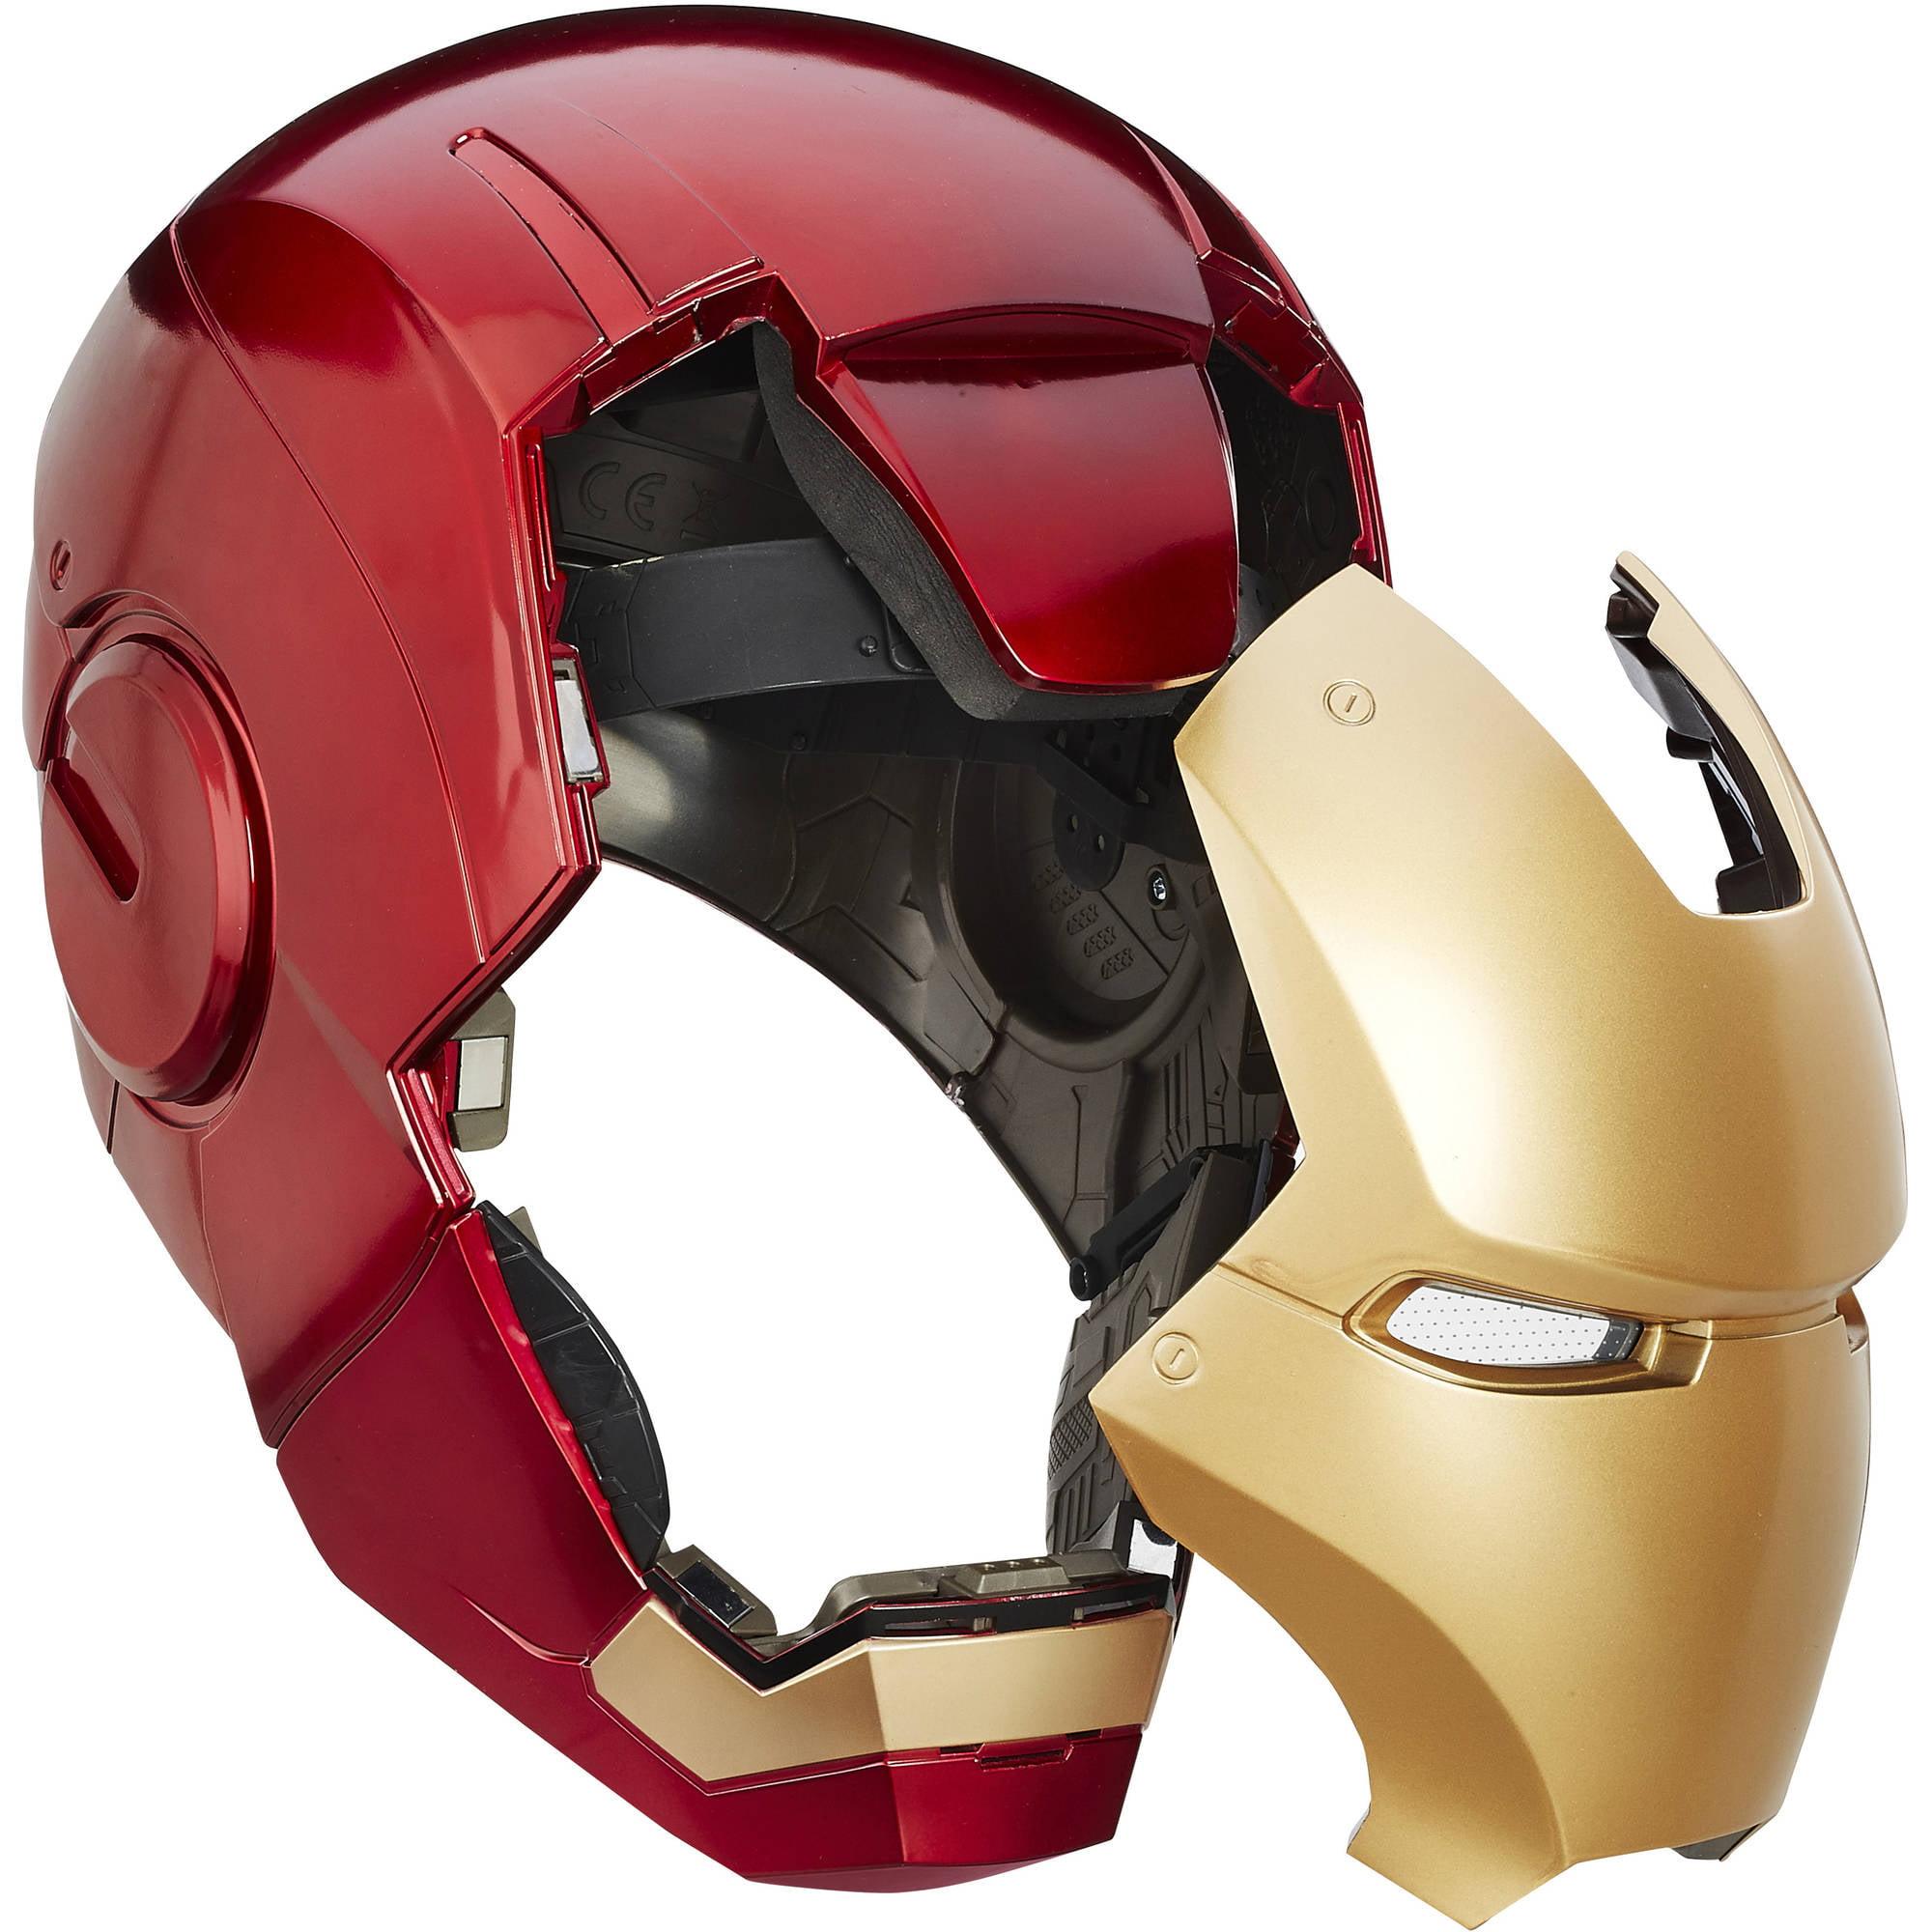 Marvel Legends Iron Man Electronic Helmet Walmartcom